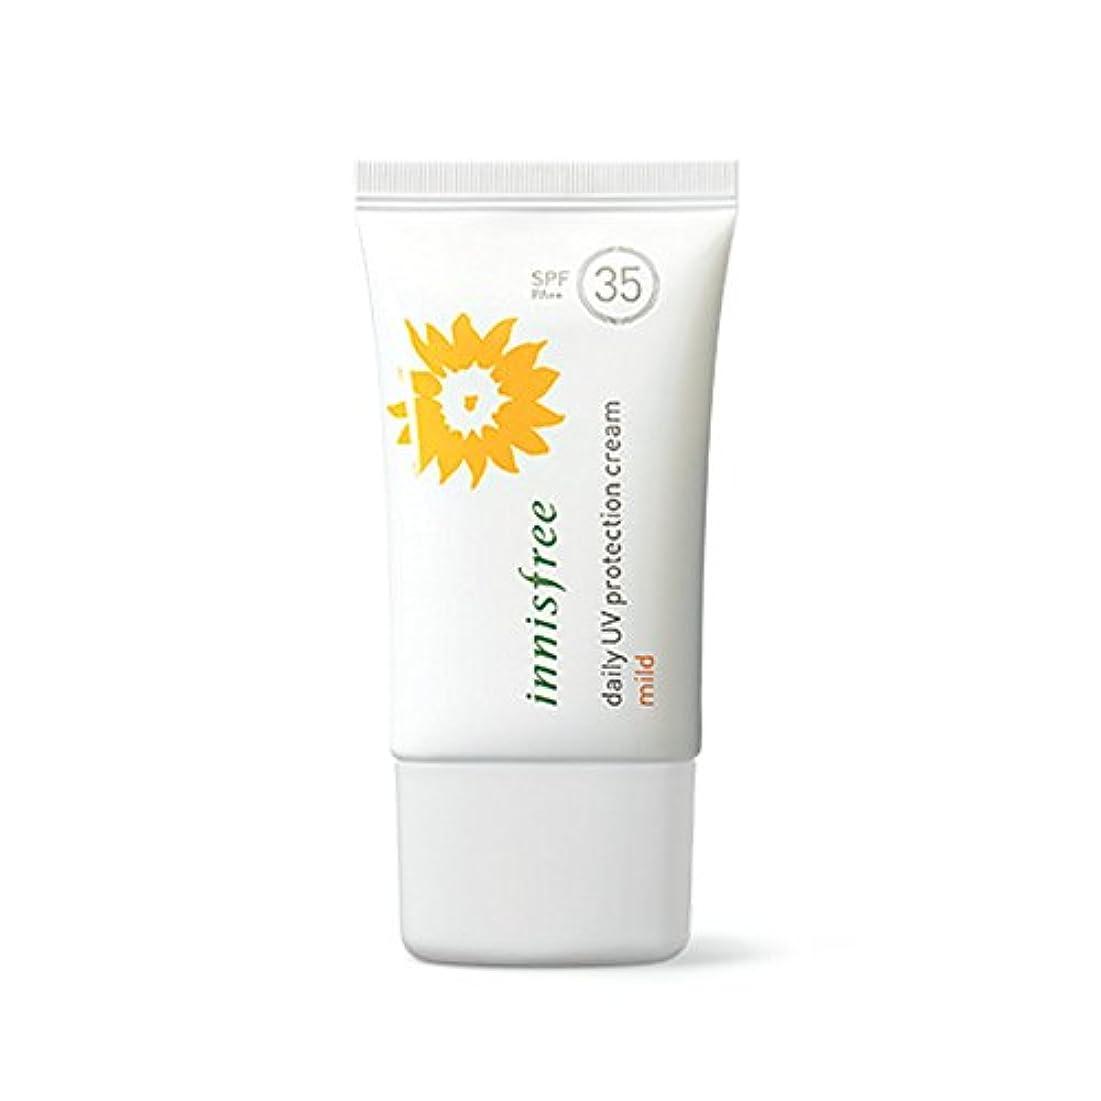 イニスフリーデイリーUVプロテクションクリーム50mlマイルドSPF35 + PA ++ Innisfree Daily UV Protection Cream 50ml Mild SPF35+ PA++ [海外直送品]...